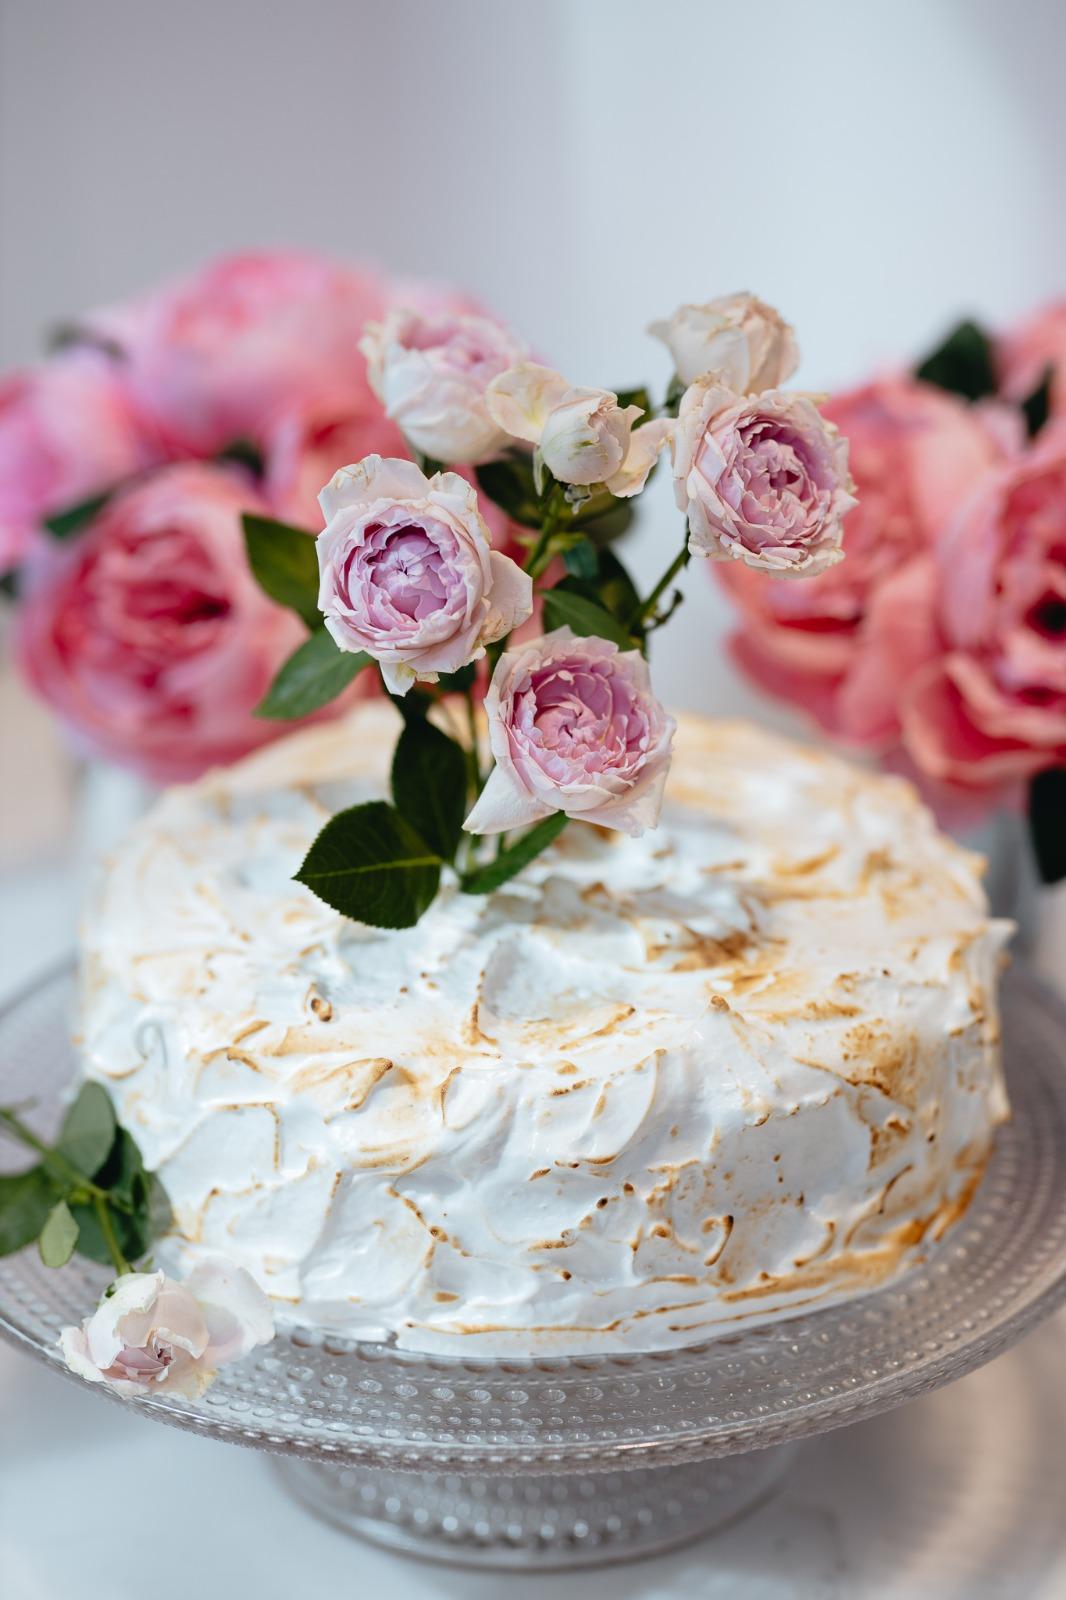 Raikas marenkikakku sopii loistavasti kesän juhliin. Käyttämällä kukkia koristeena, saat helposti kakkuun lisää näyttävyyttä.